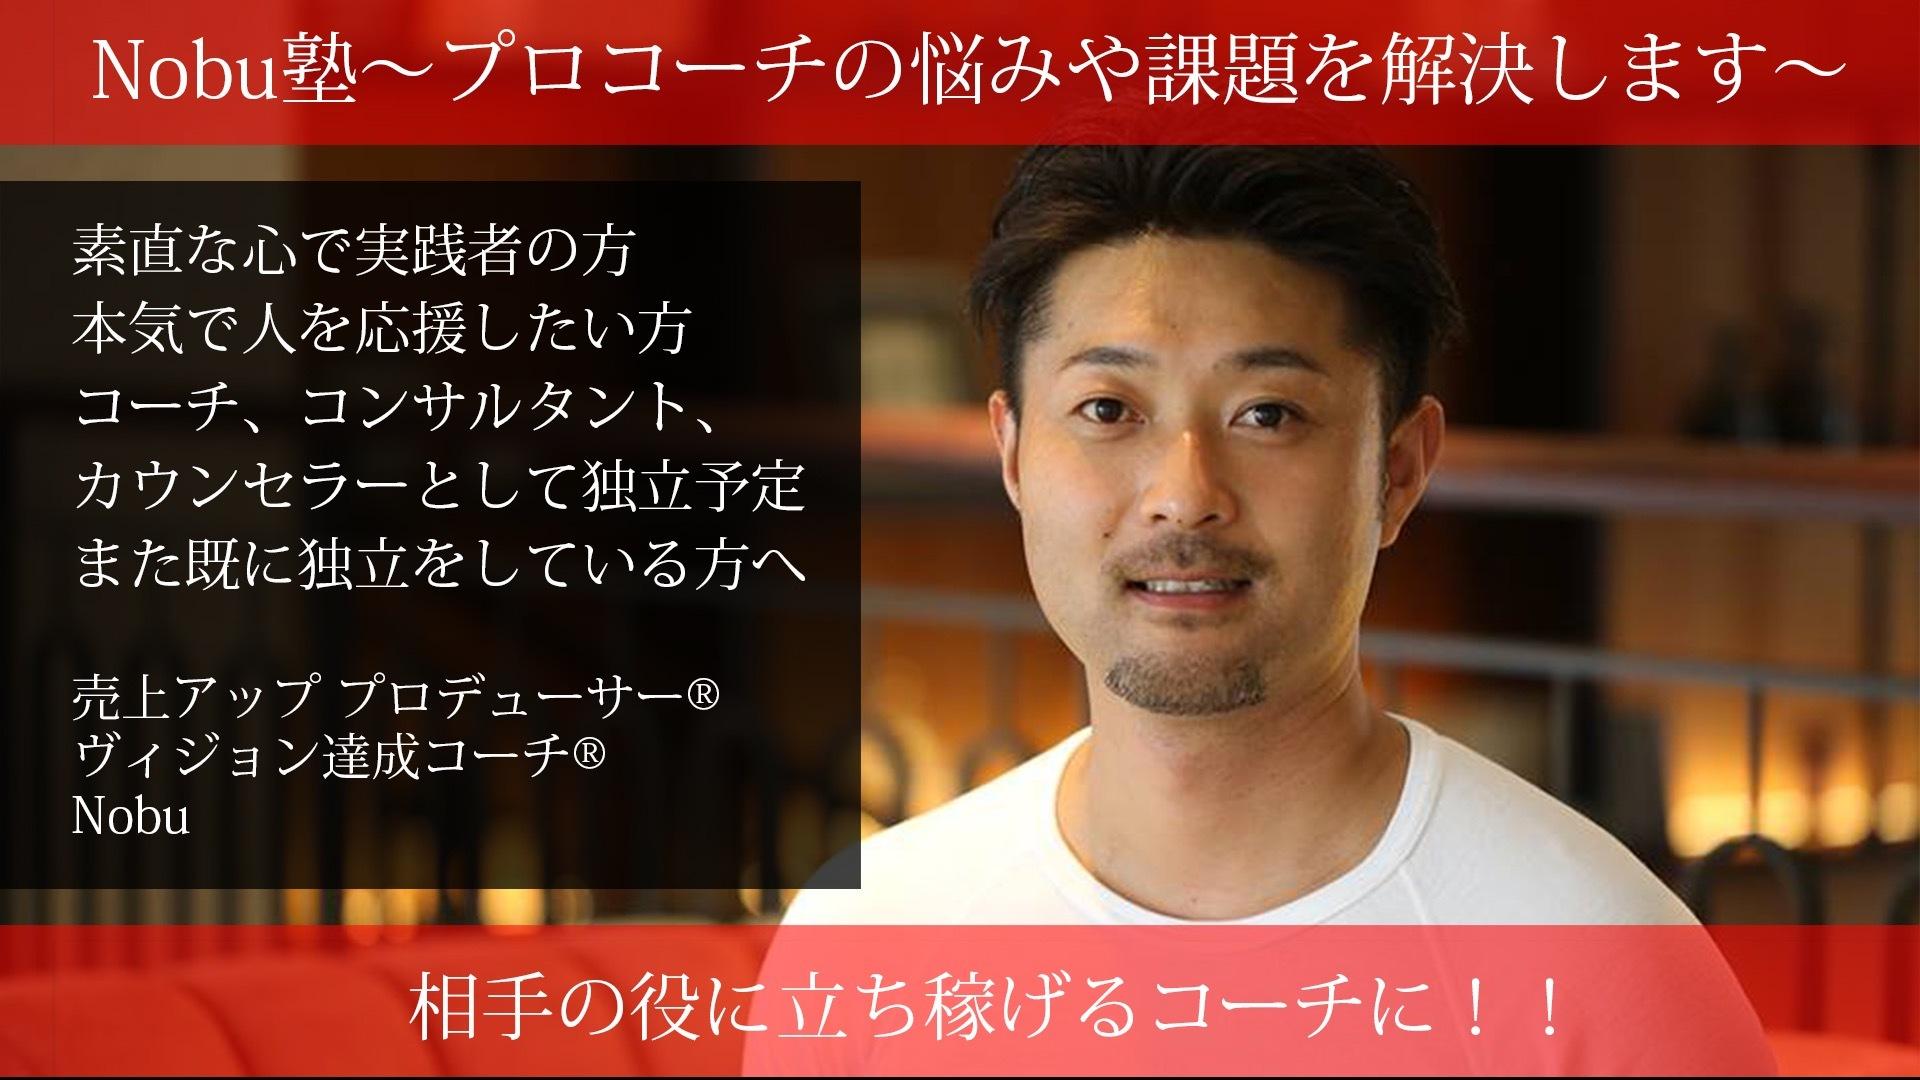 Nobu塾  〜プロコーチの悩みや課題を解決します〜